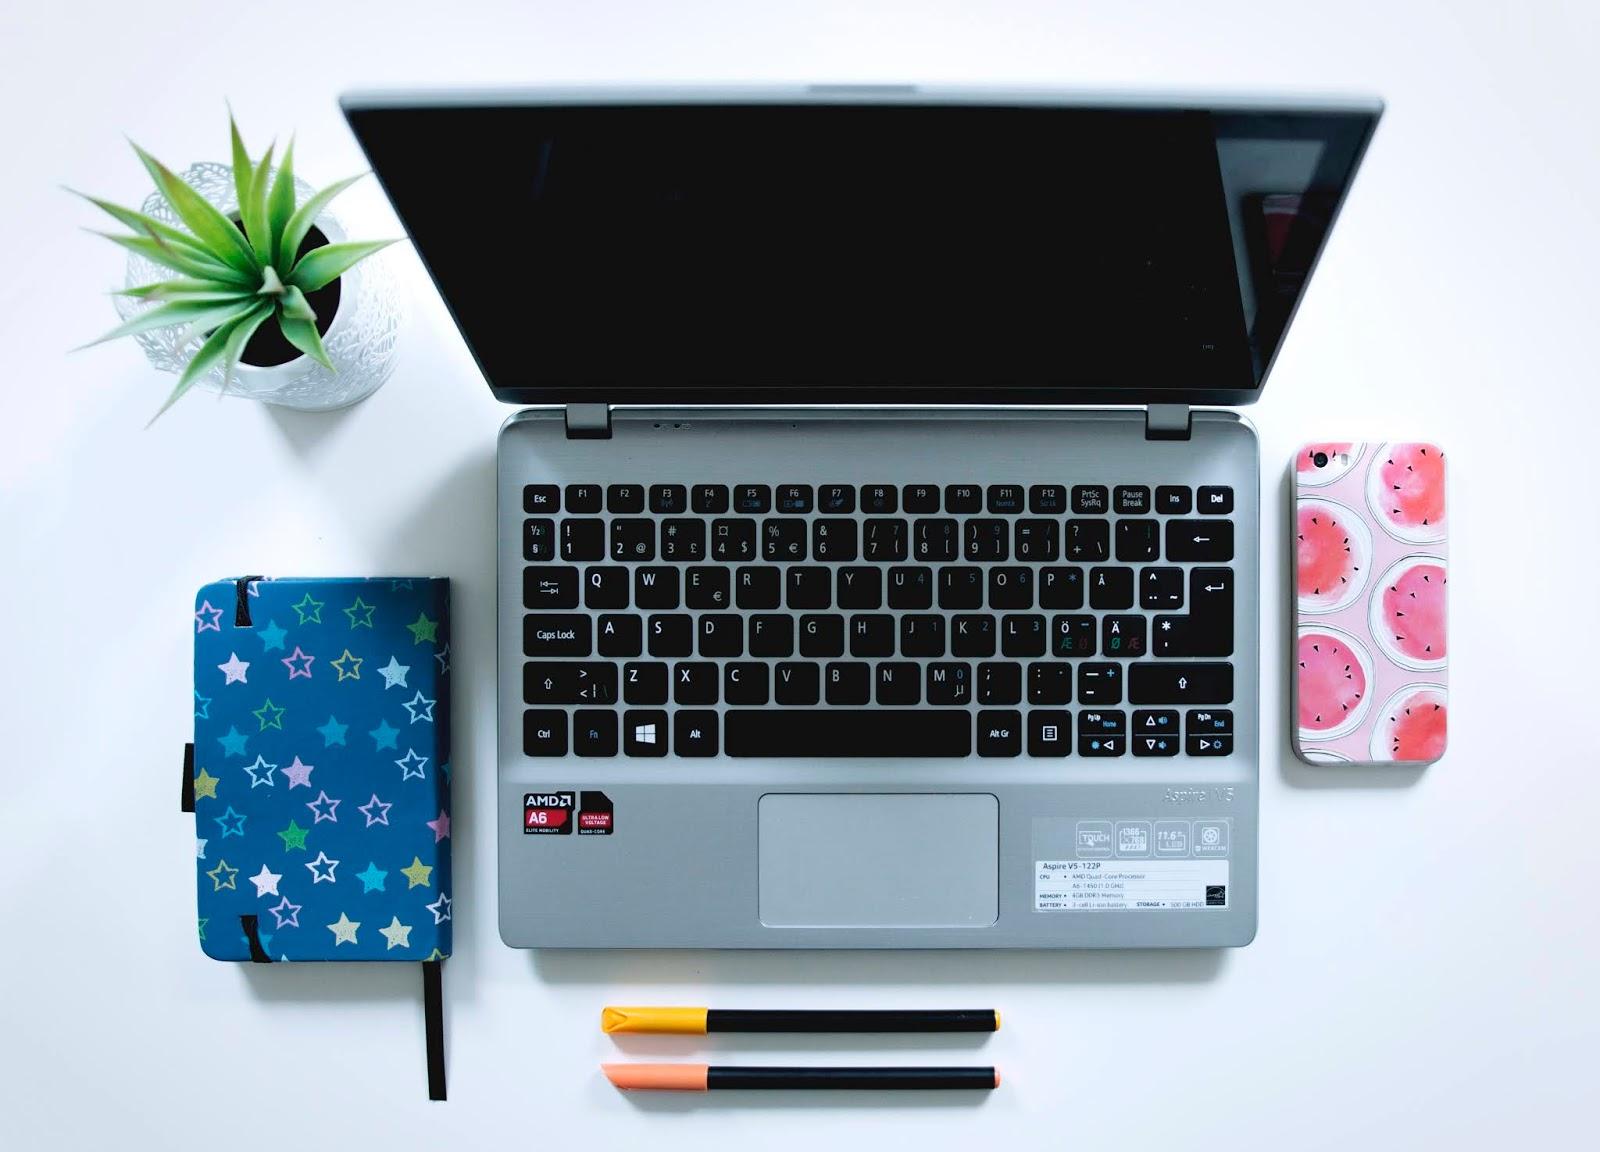 Komputer leżący na białym biurku